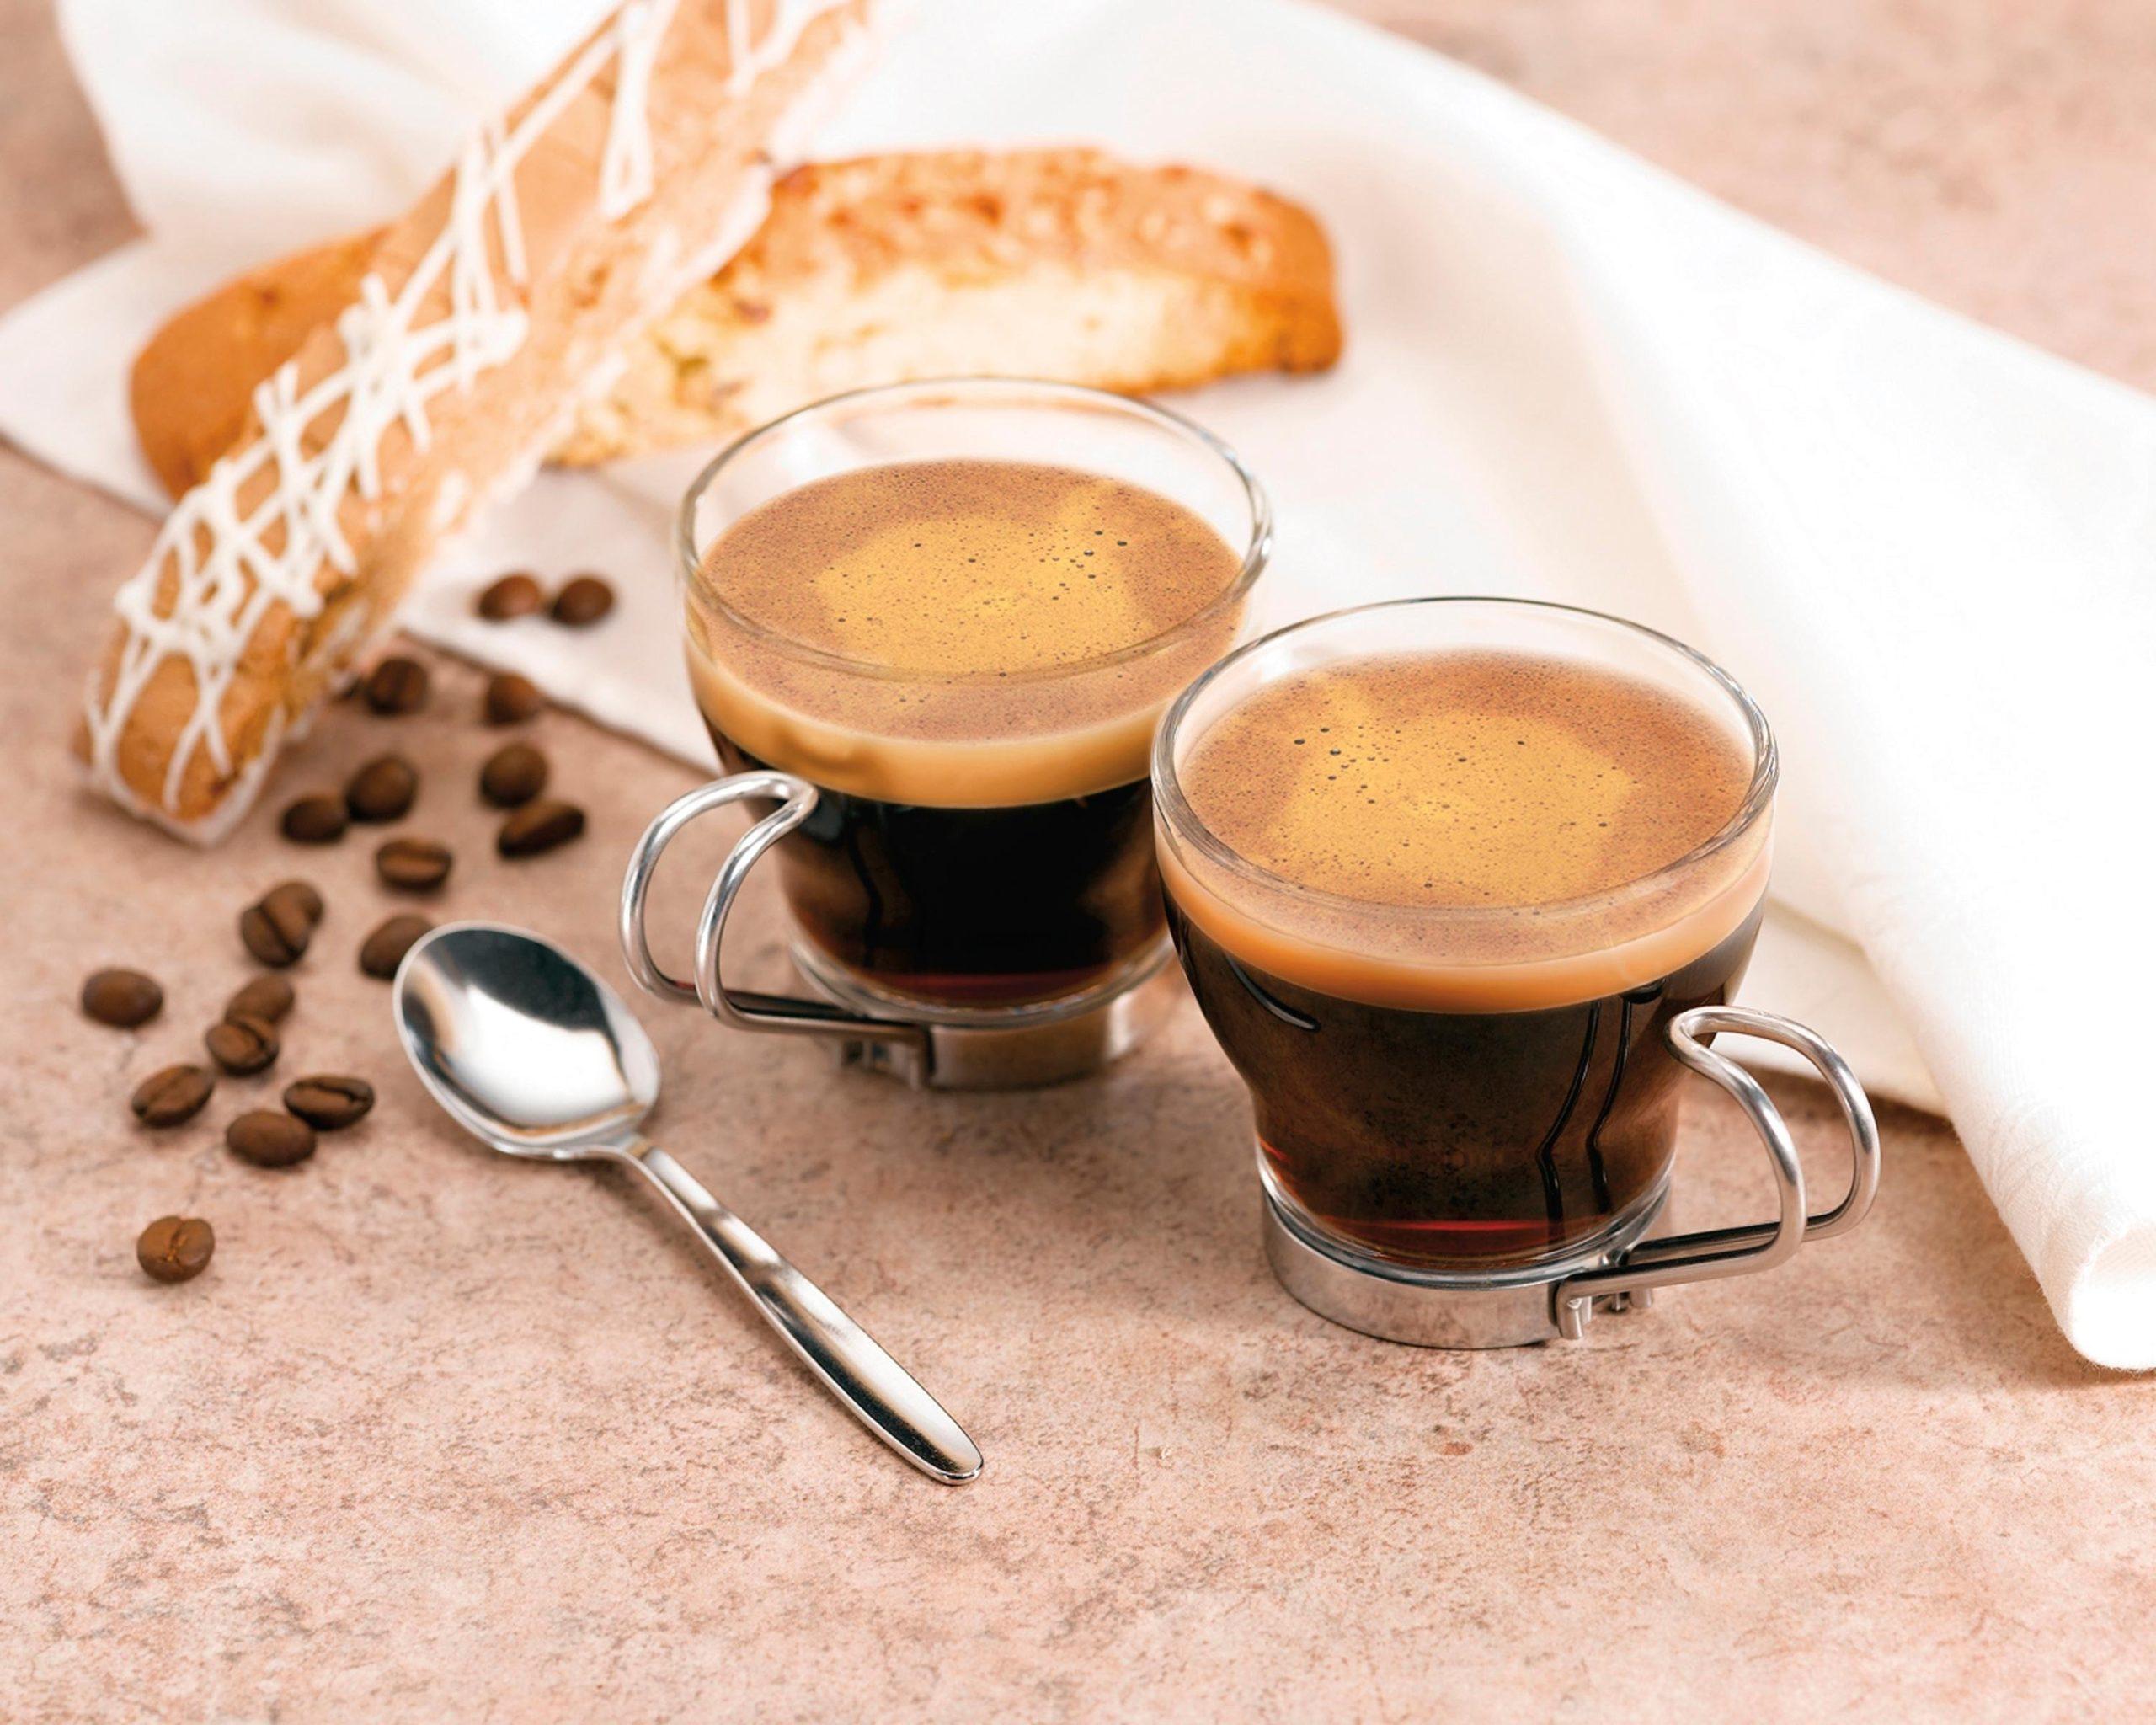 Two glasses of espresso